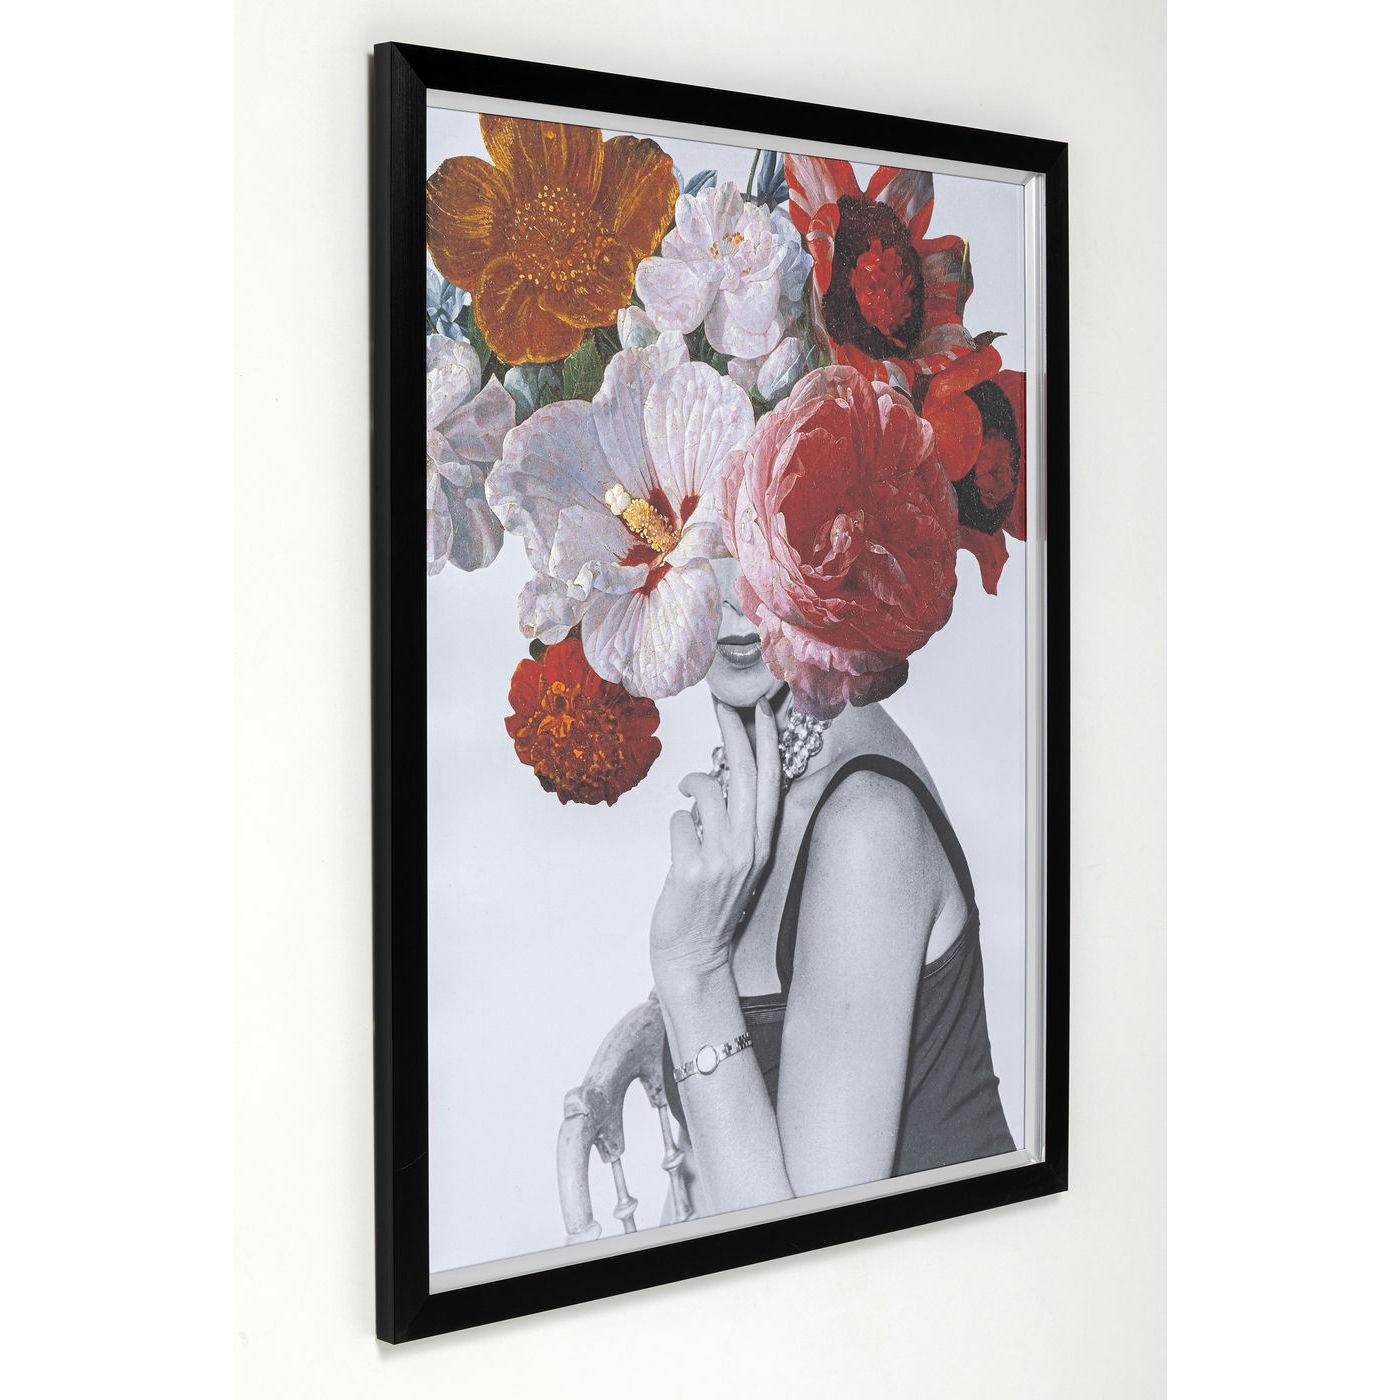 Tableau Frame Femme fleurs rouges 152x117cm Kare Design